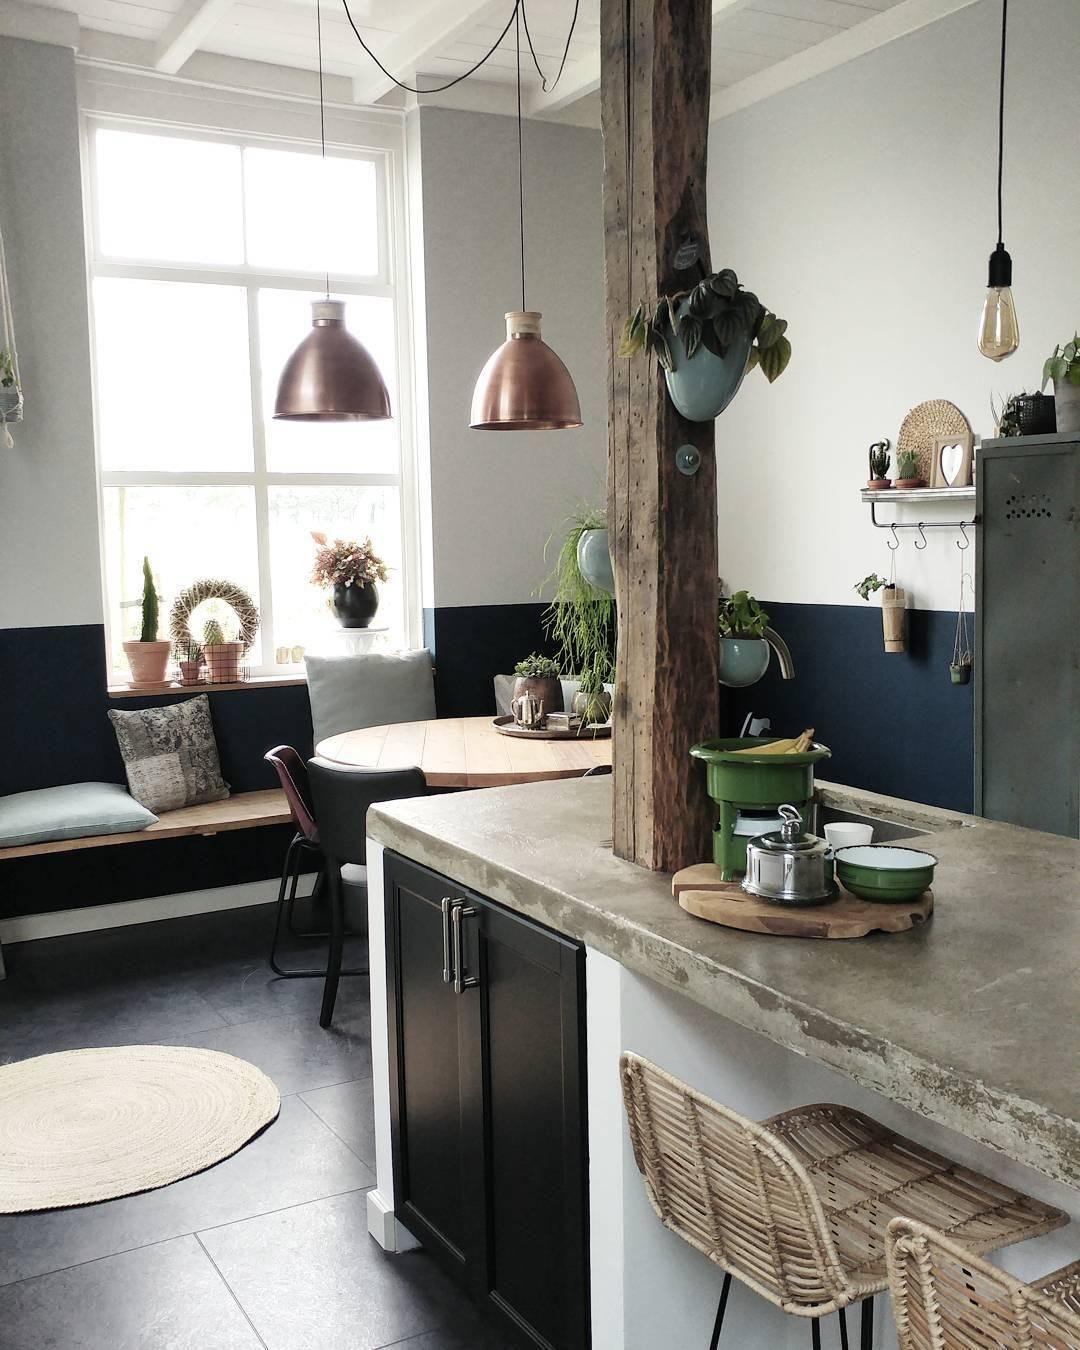 Rattan Thekenstuhl Blind Westwingnow Innenarchitektur Küche Haus Deko Inneneinrichtung